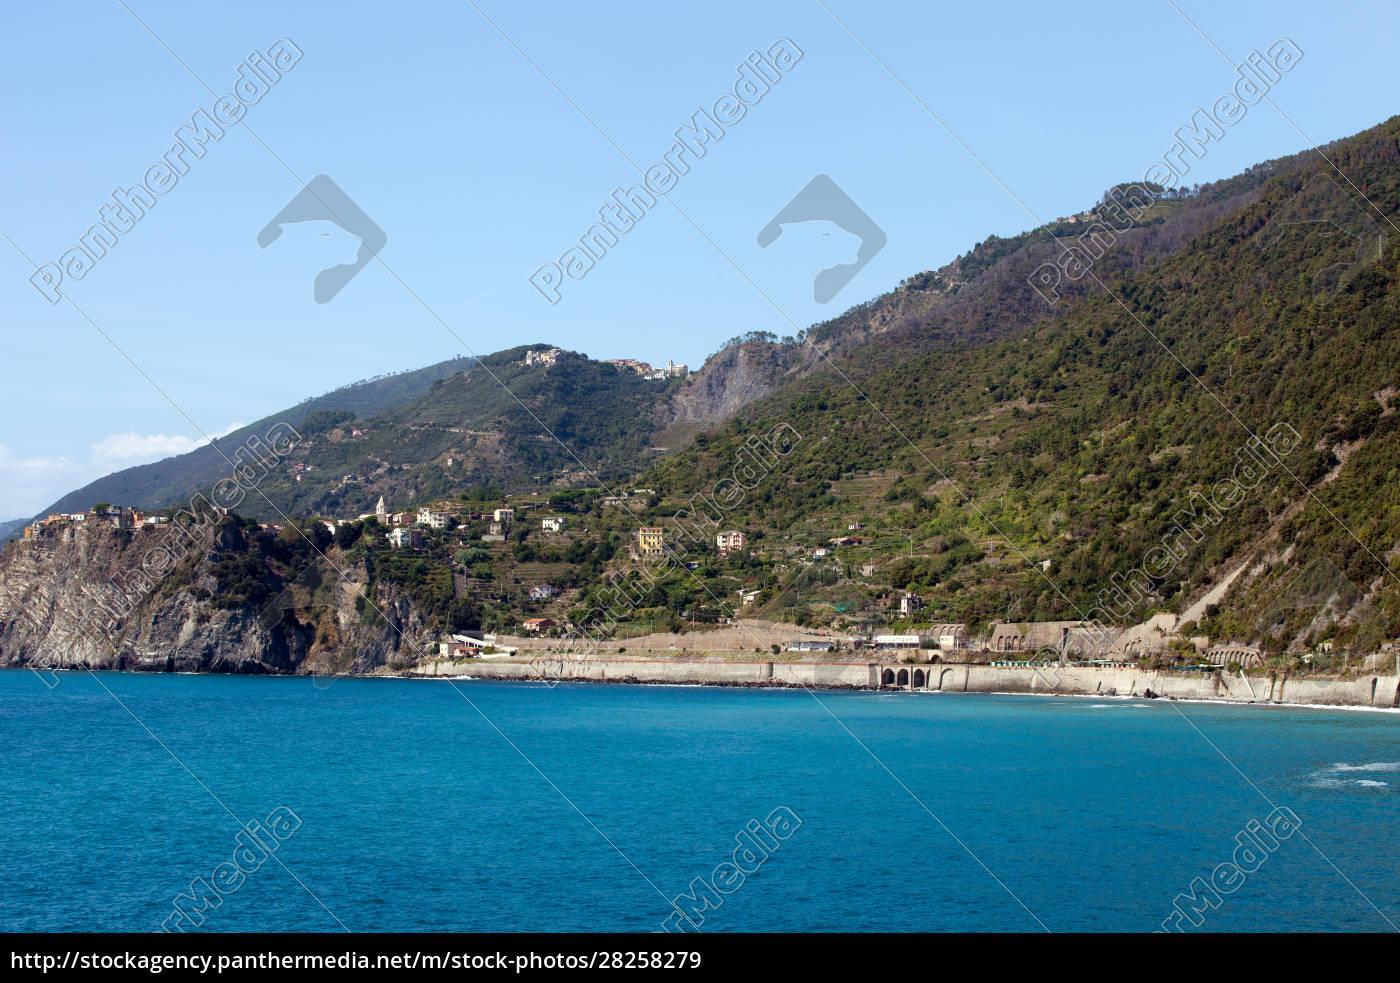 the, picturesque, coastline, of, the, cinque - 28258279